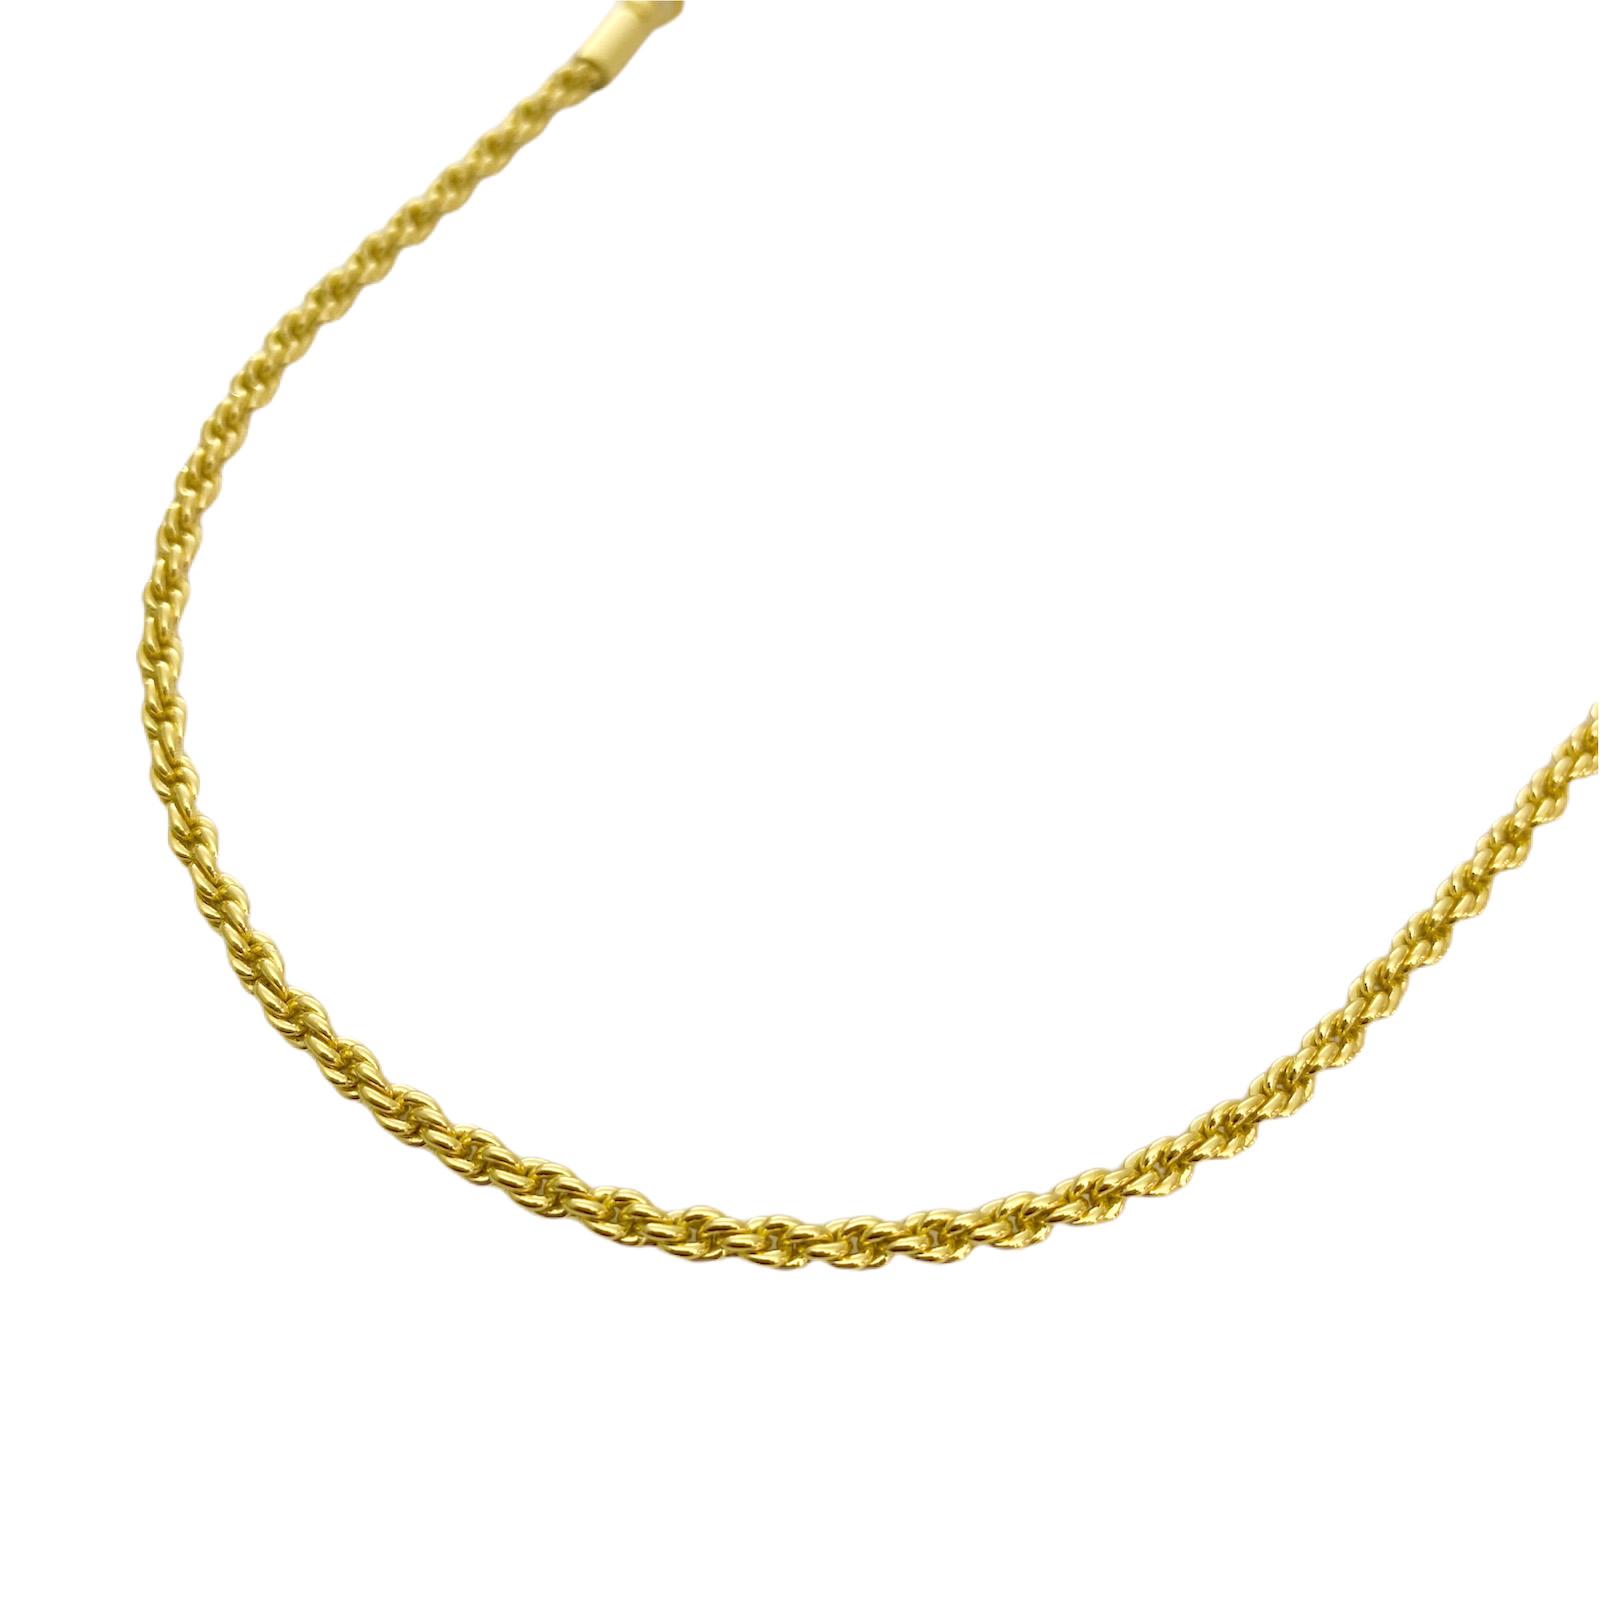 Corrente Cordão Baiano 2,5mm 65cm 12g (Fecho Canhão) (Banho Ouro 18K)